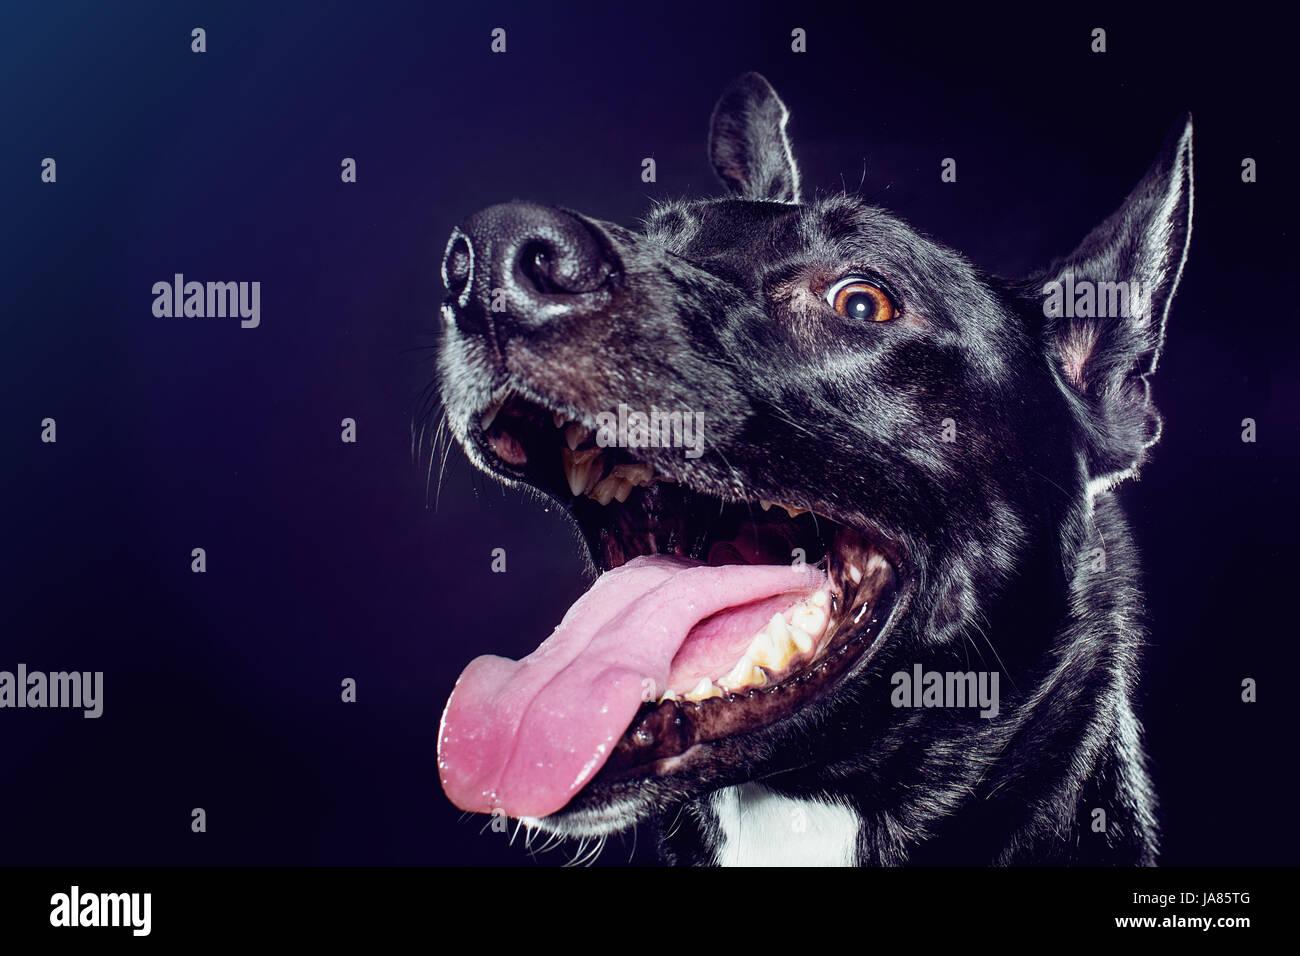 Profil de Studio portrait d'un Berger allemand noir à mélanger avec excitation à la langue, avec l'appareil photo Banque D'Images